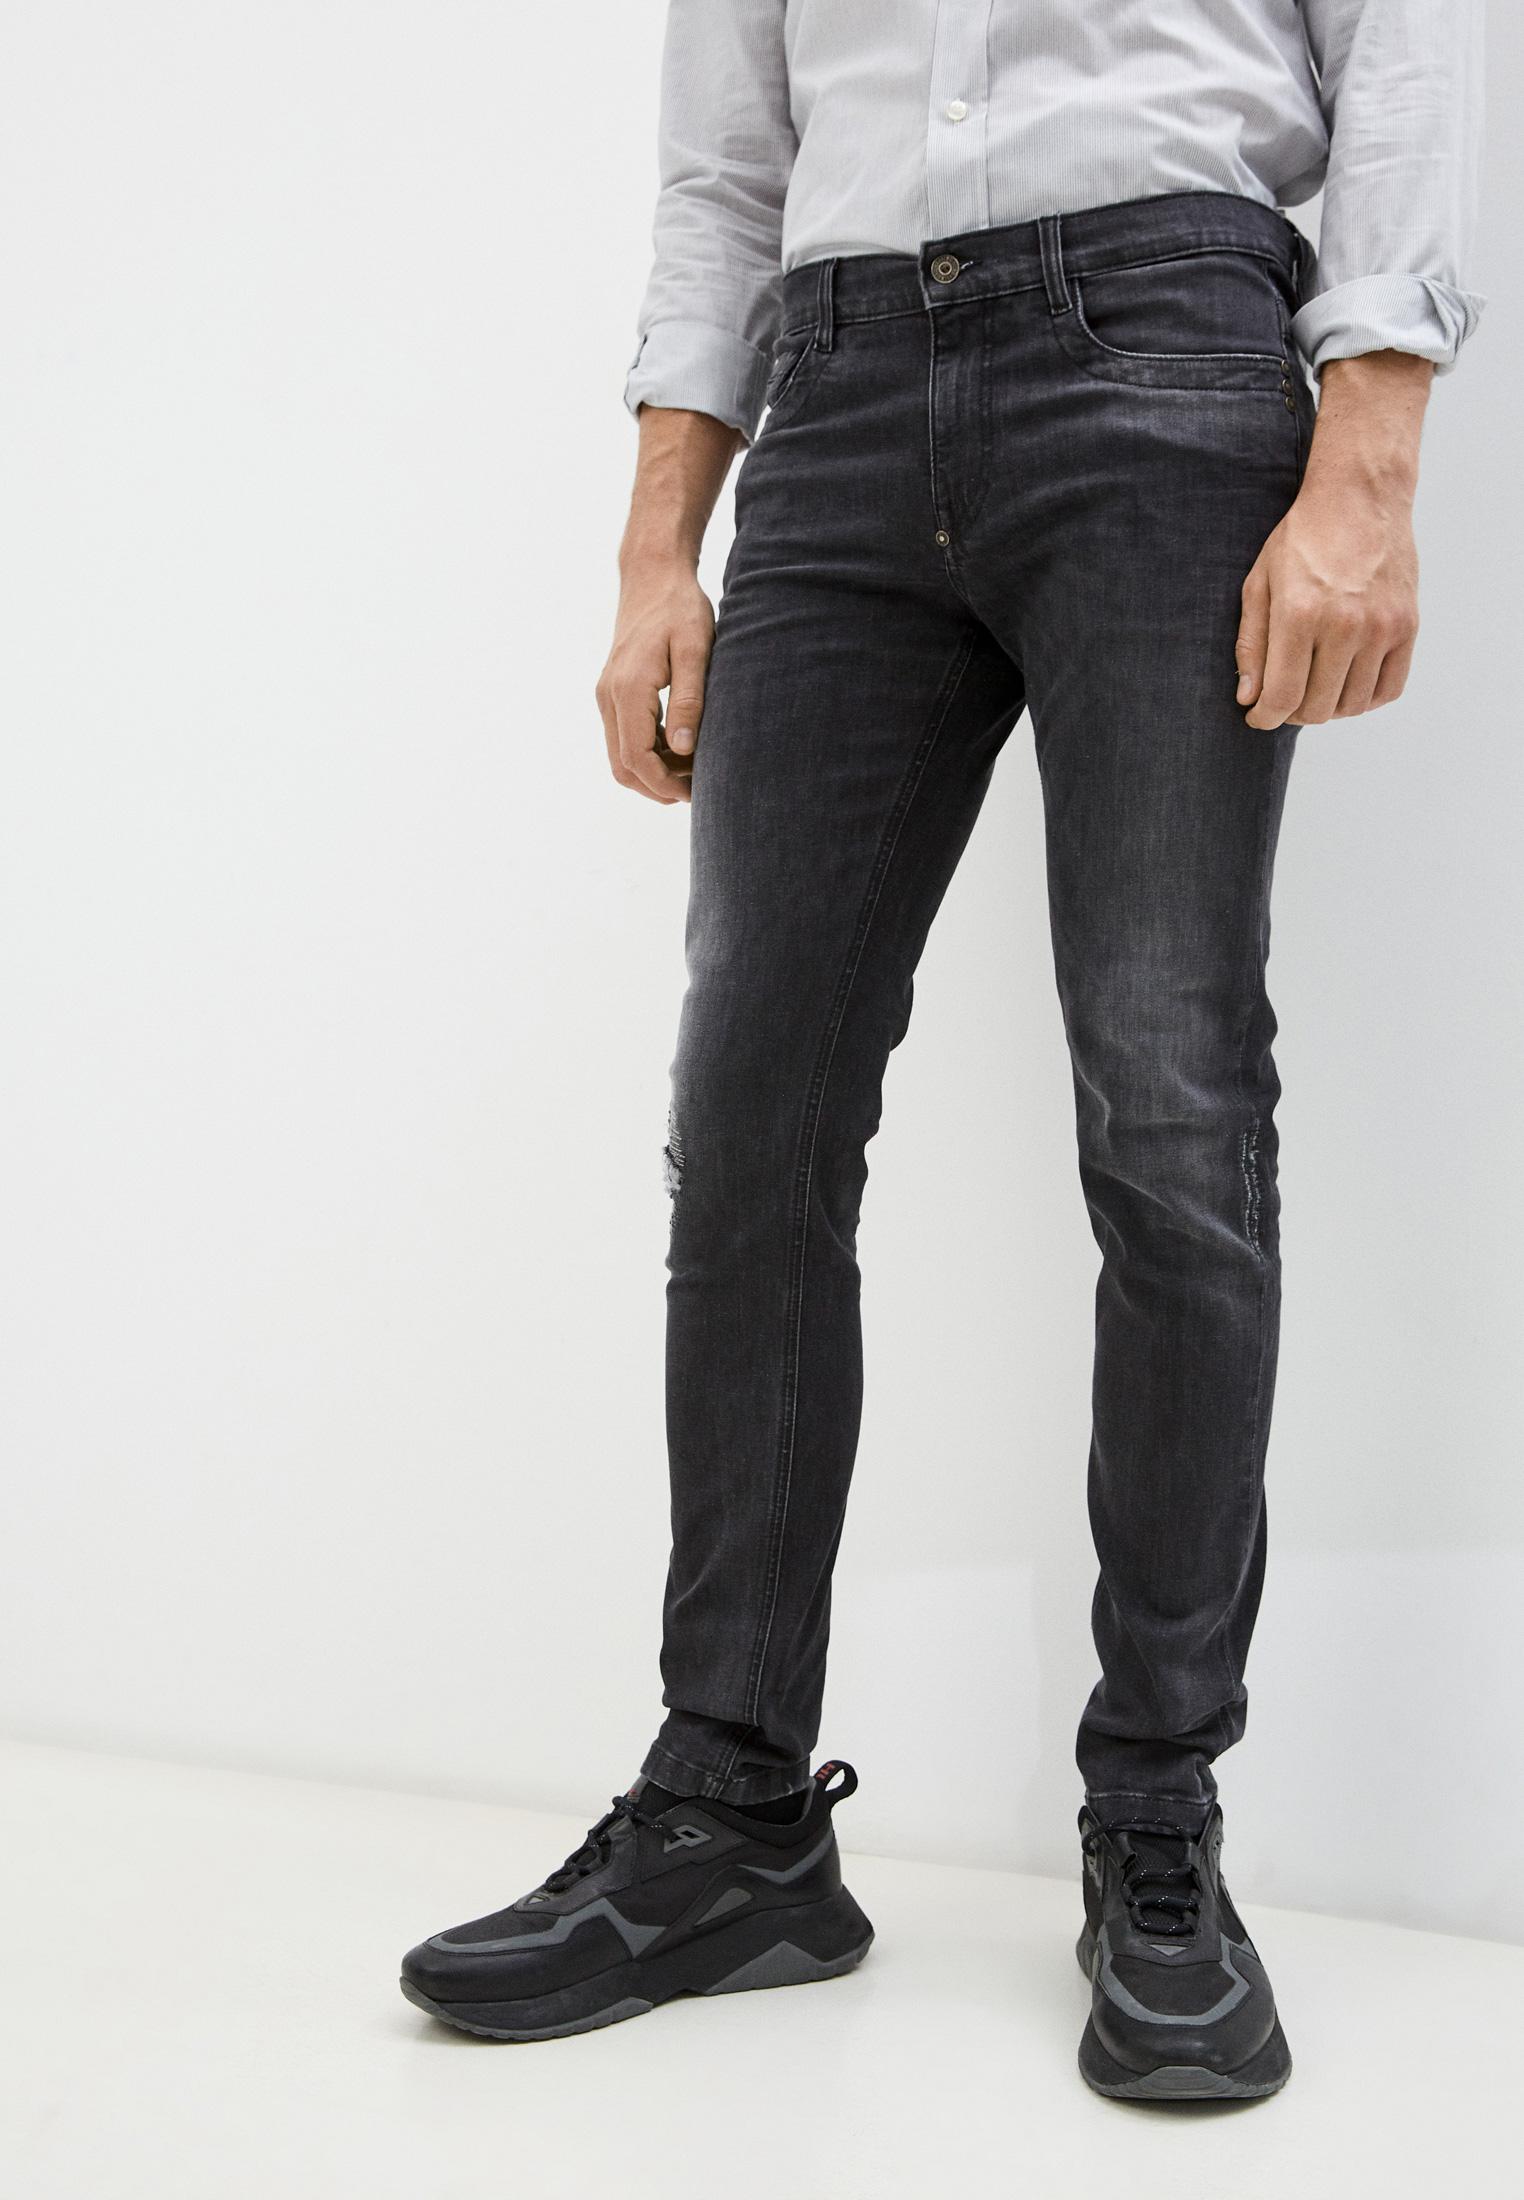 Мужские зауженные джинсы Bikkembergs (Биккембергс) C Q 101 17 S 3446: изображение 11